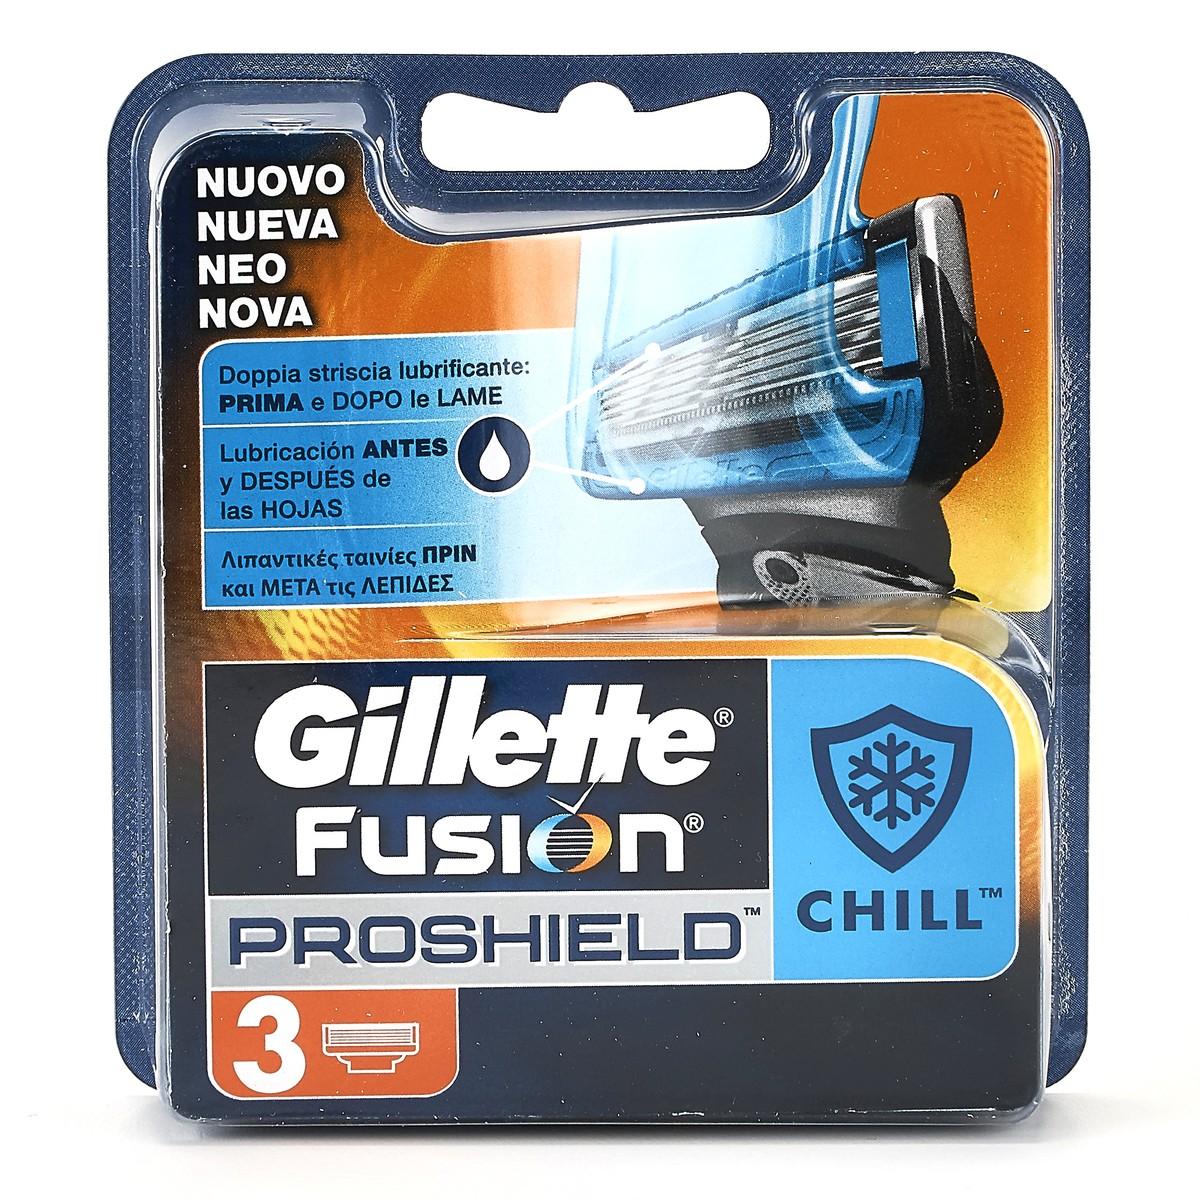 Gillette Lame per rasoio Fusion Proshield Chill